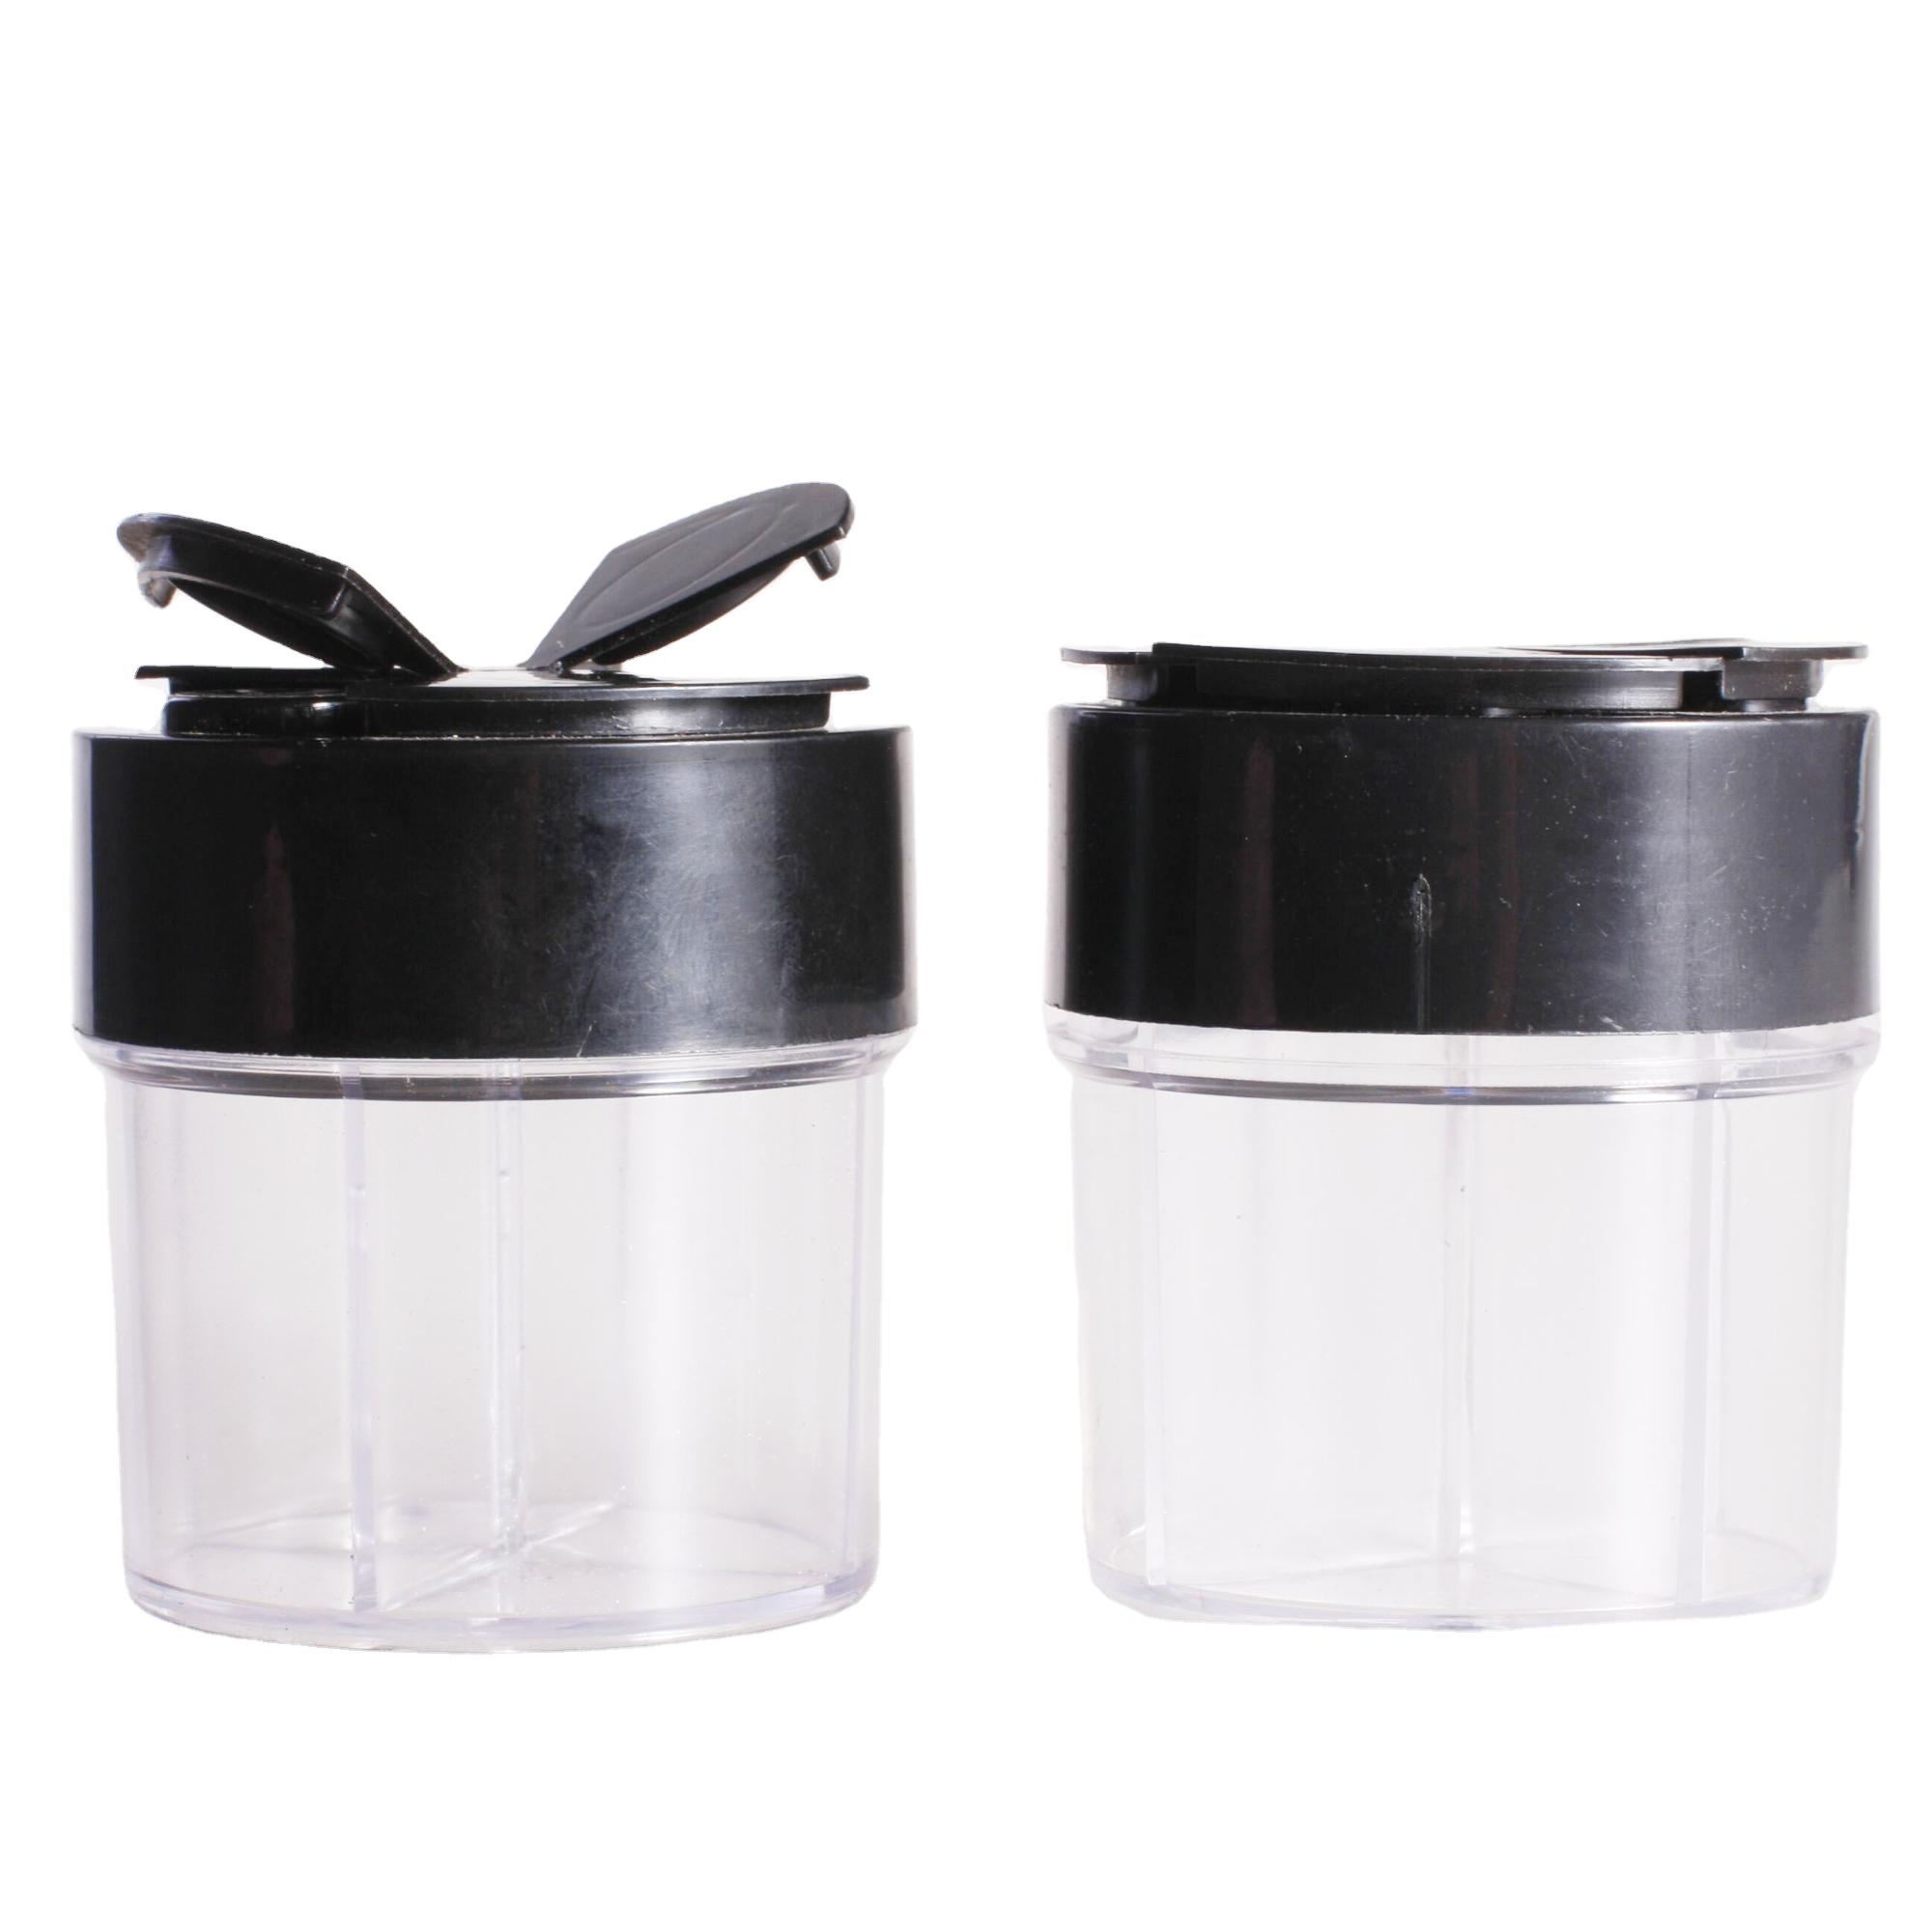 Стеклянная банка для специй объемом 100 мл, банки, шейкер для соли, диспенсер для перца, бесплатные образцы, шейкер для перца, пластиковые/стеклянные банки для специй